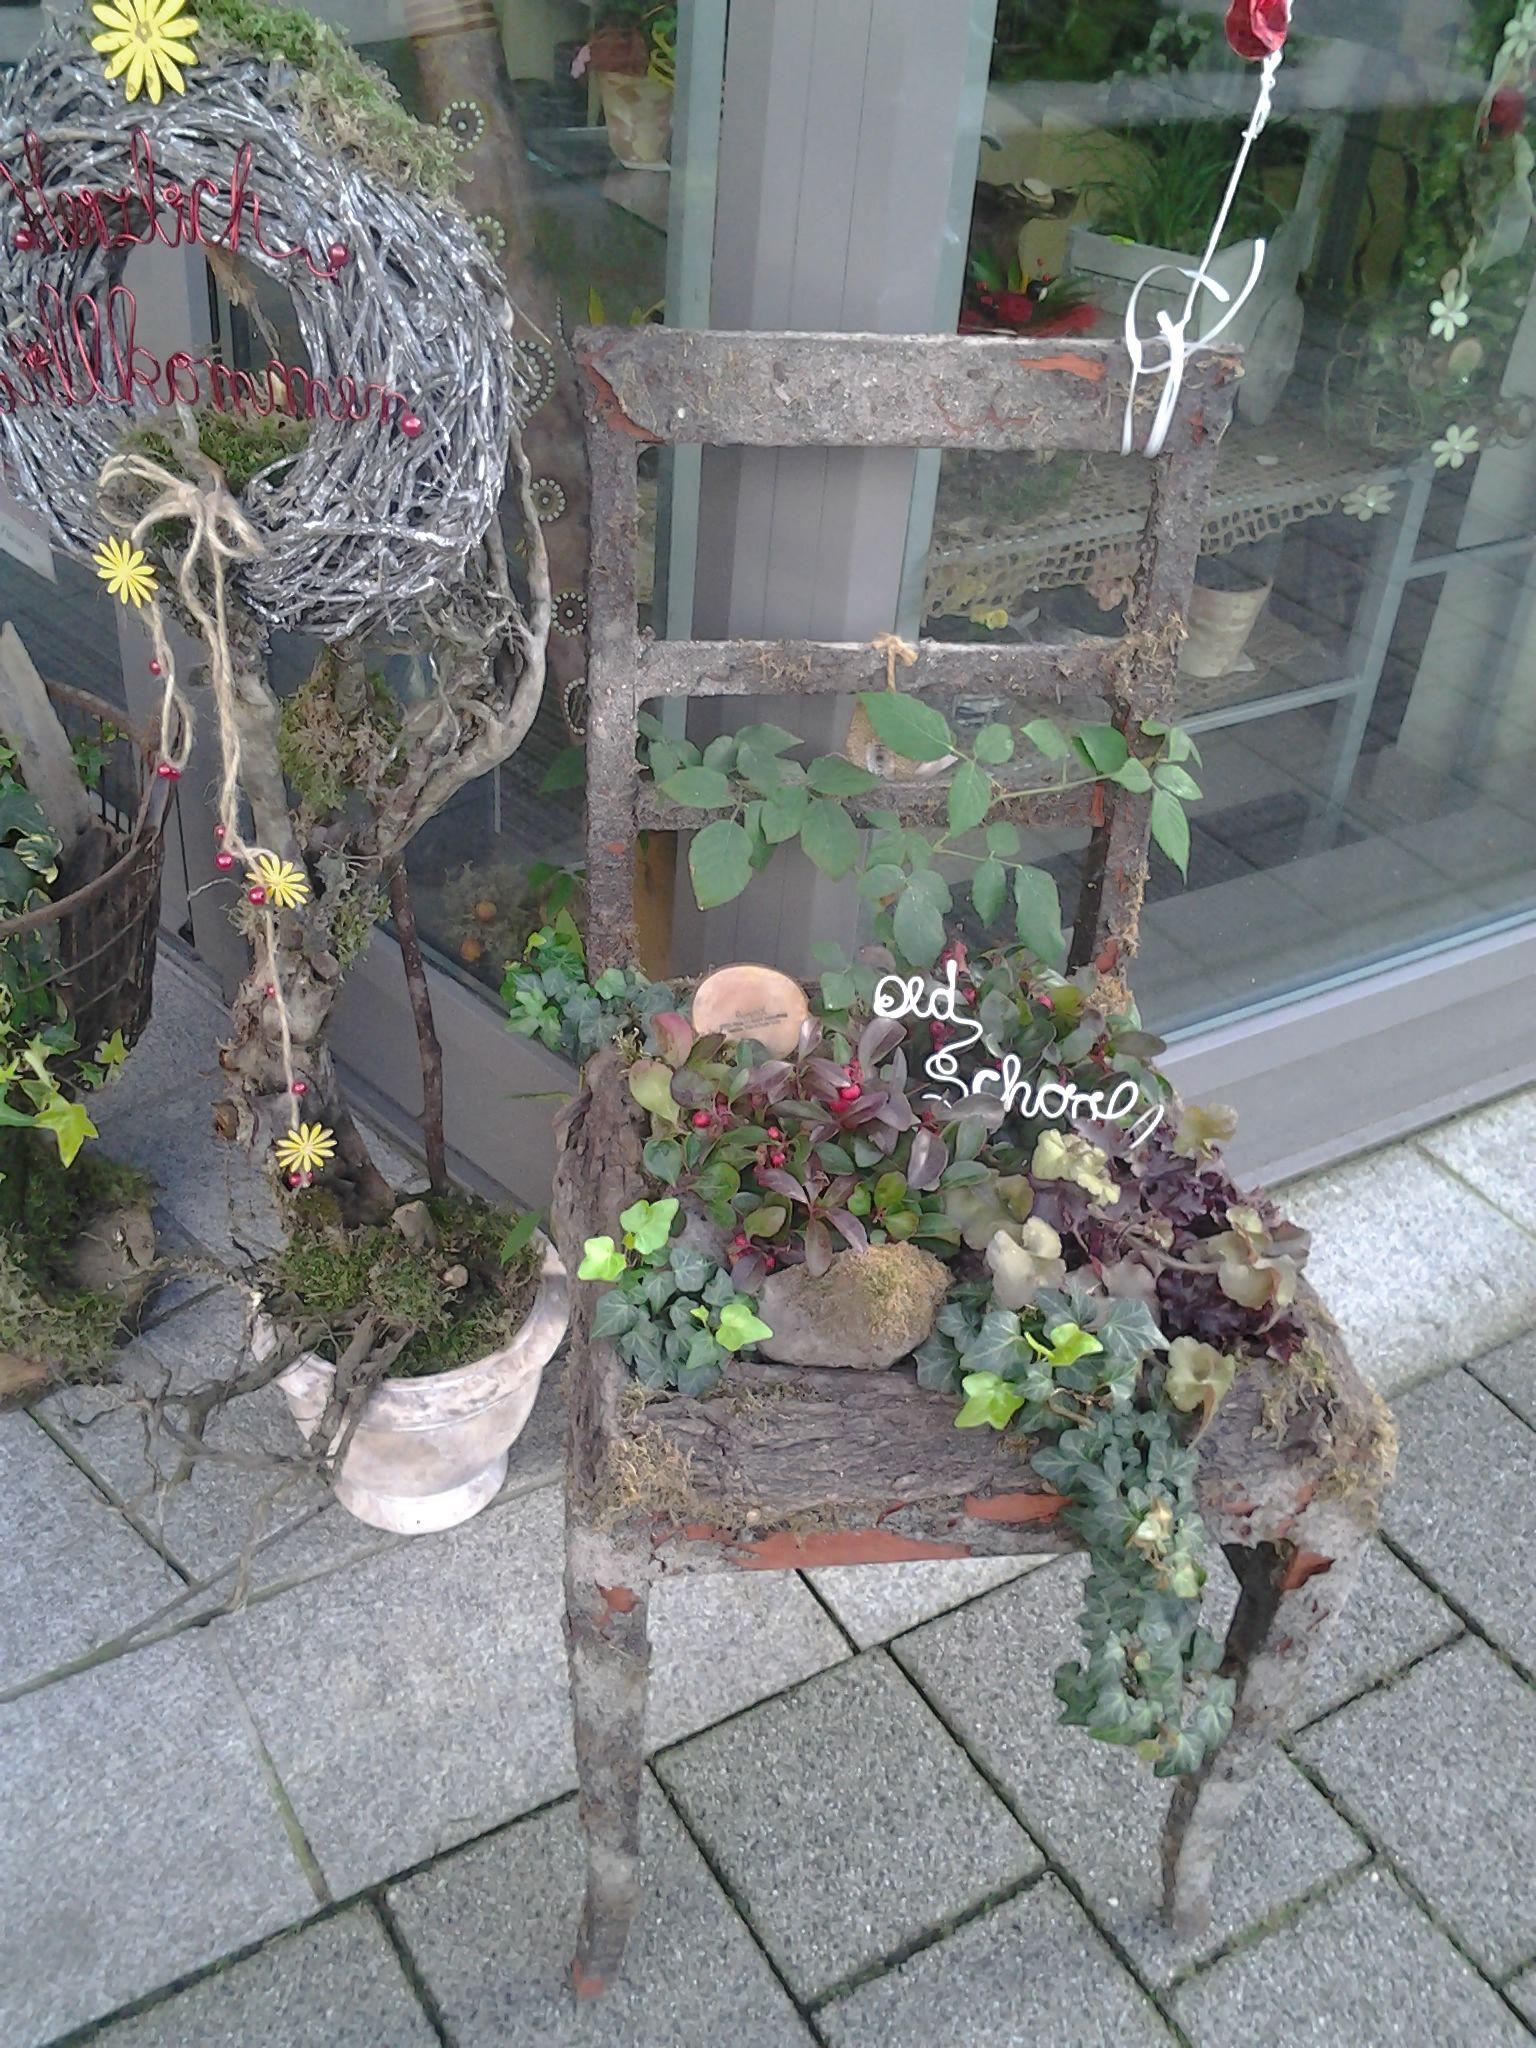 ein Das alter Stuhl ich den vor Blumengeschäft ist einem nXwPkO80